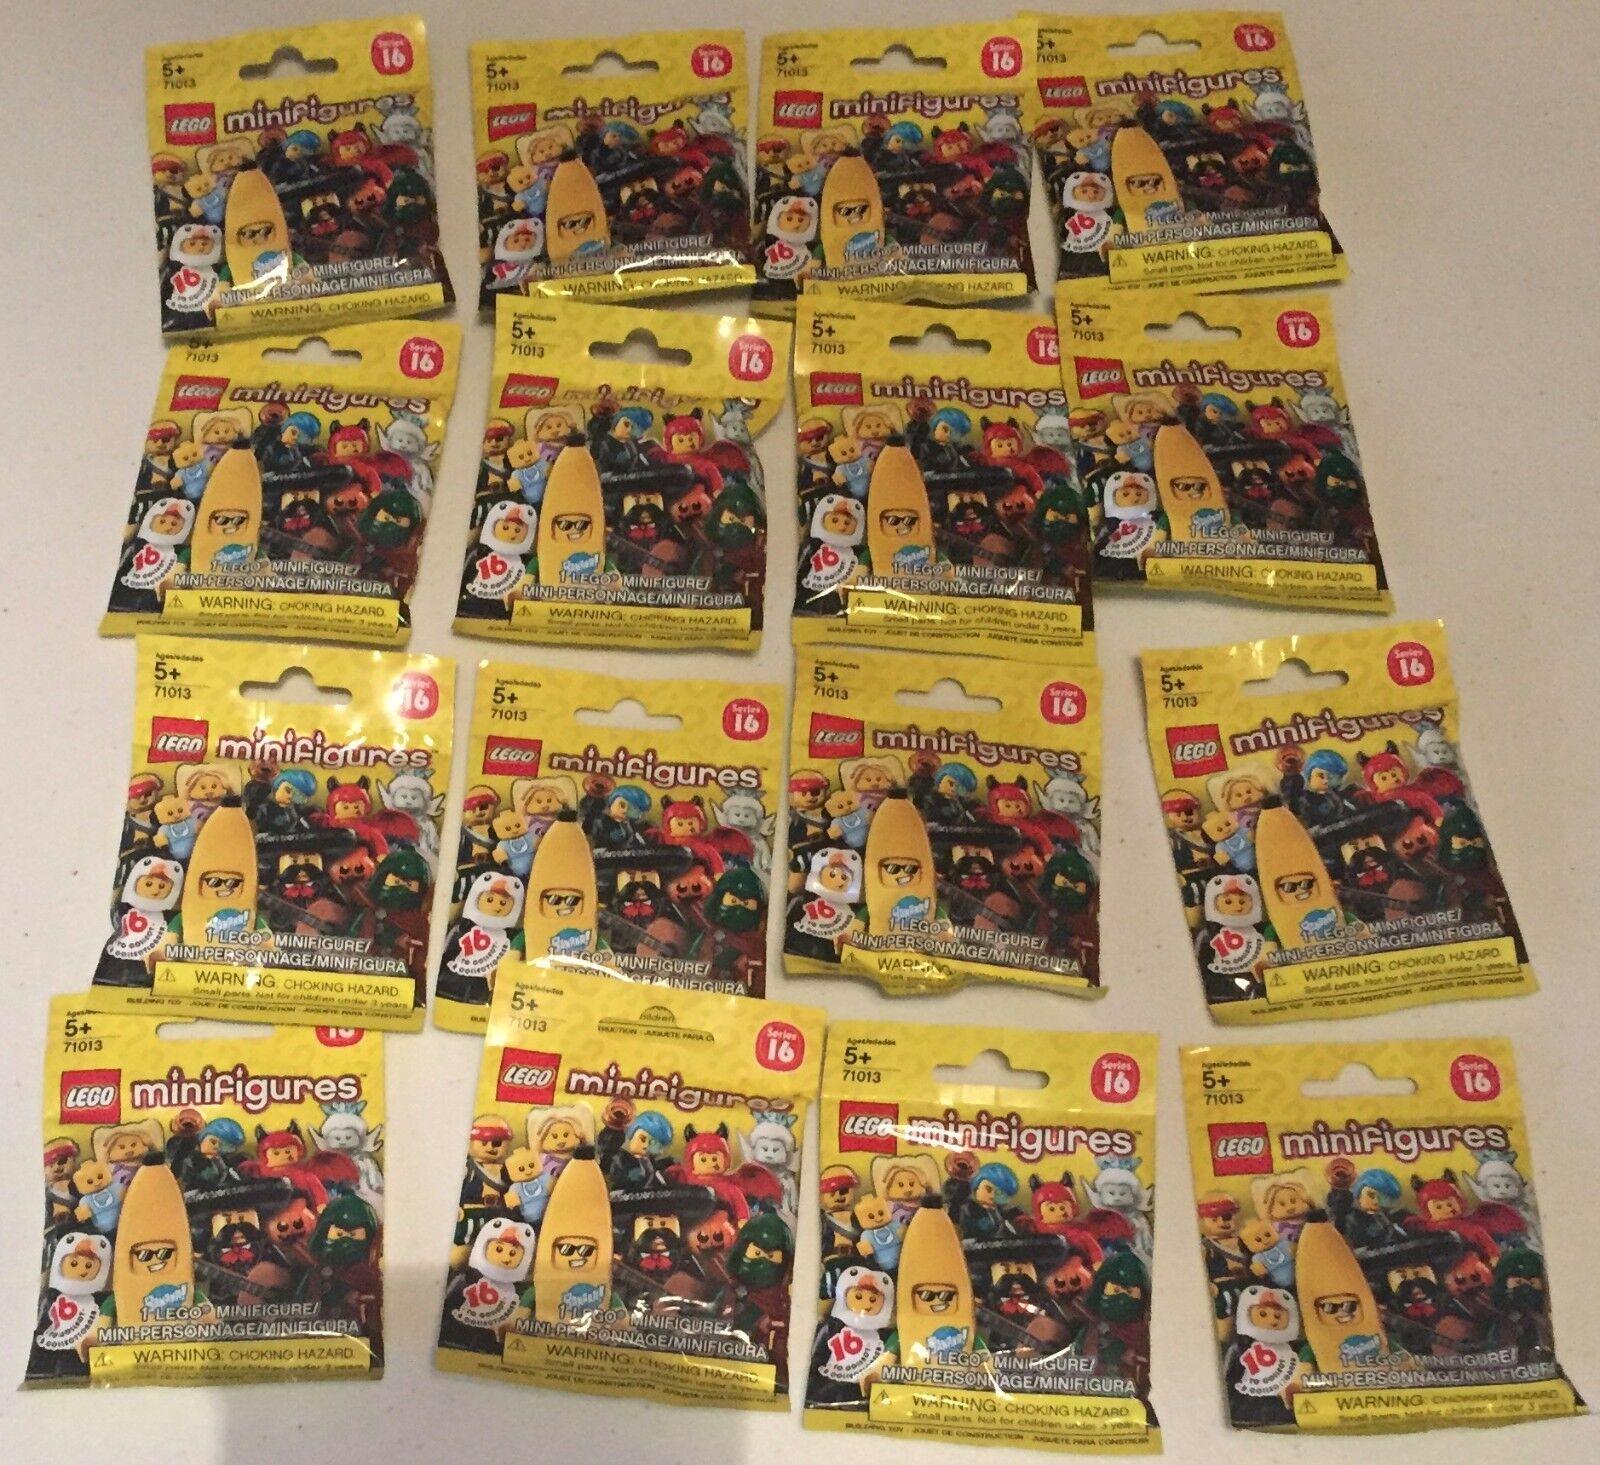 Lego COLECCIONABLE MINIFIGURAS SERIE 71013 16 conjunto completo sin abrir